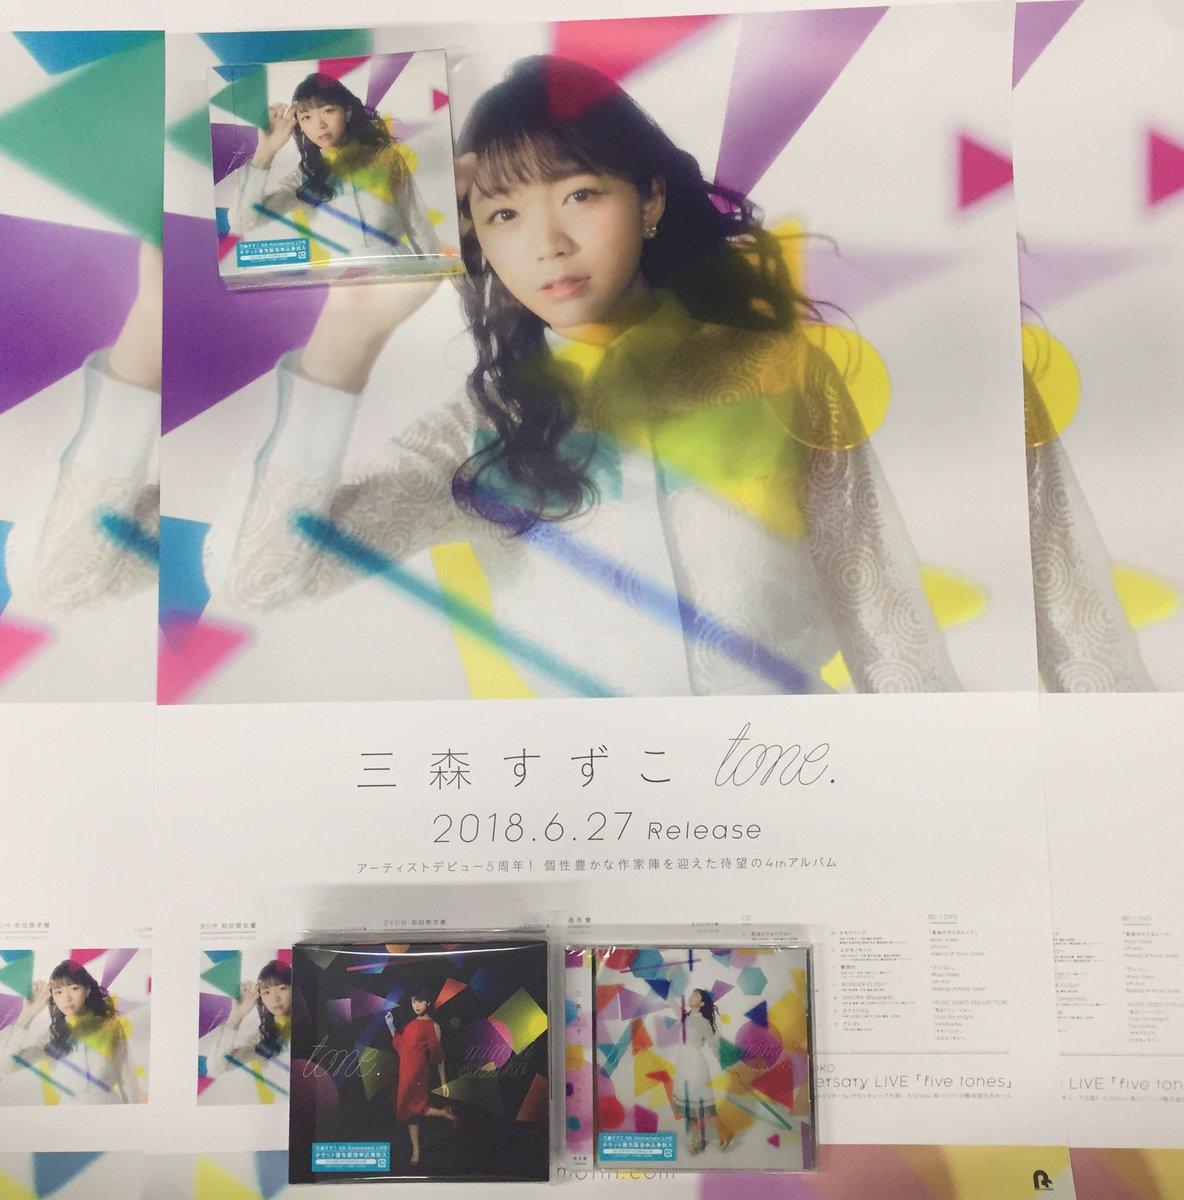 三森すずこ4thアルバム tone.に関する画像1